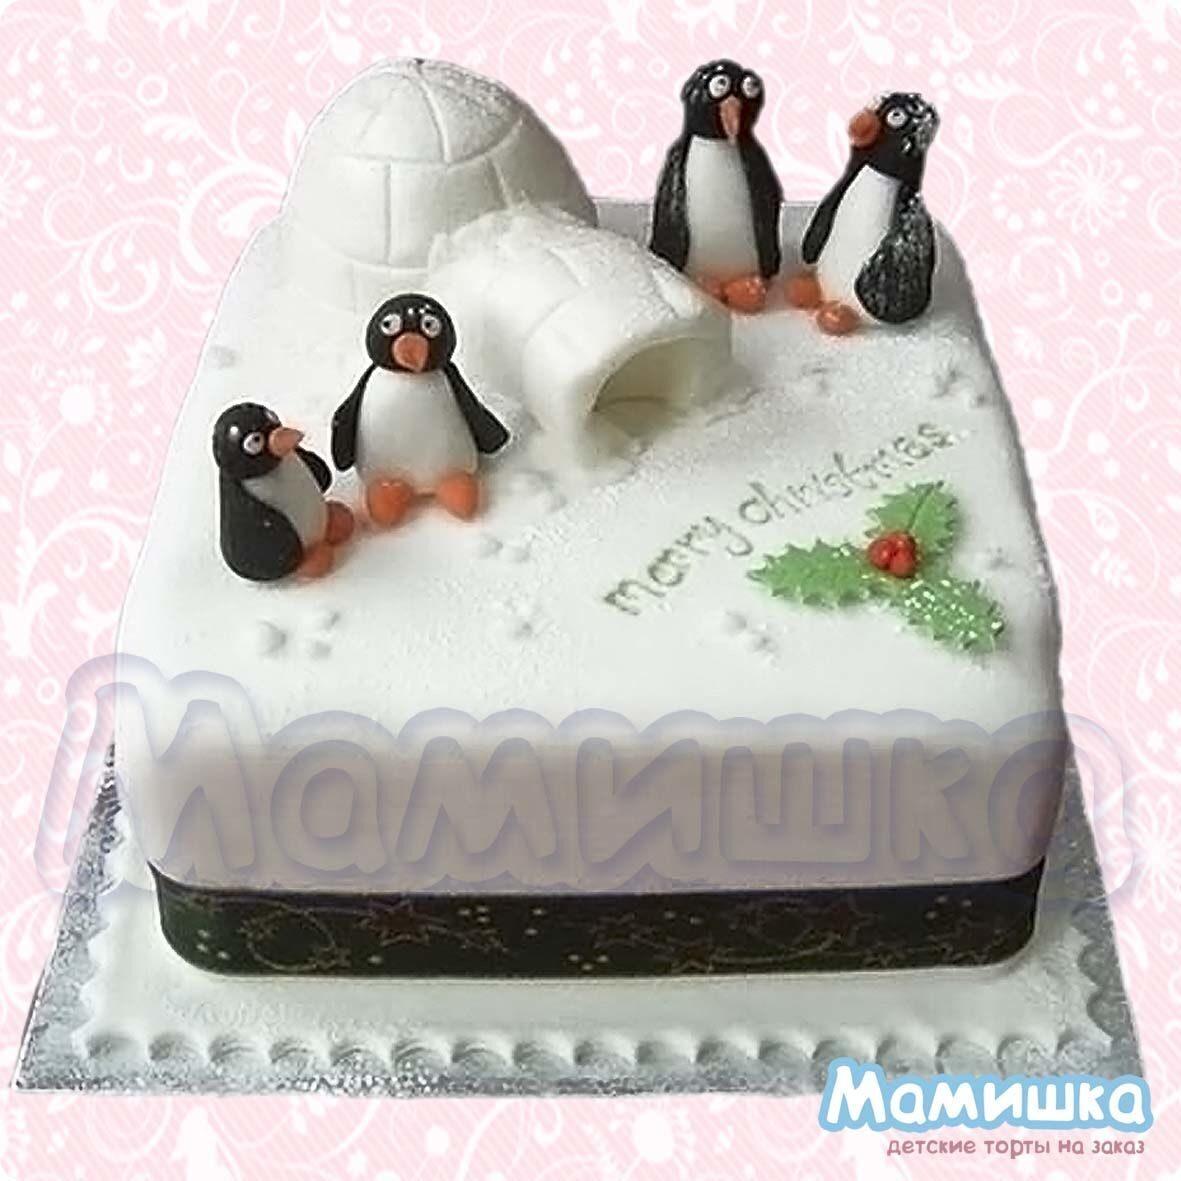 песня пингвины на севере живут слушать